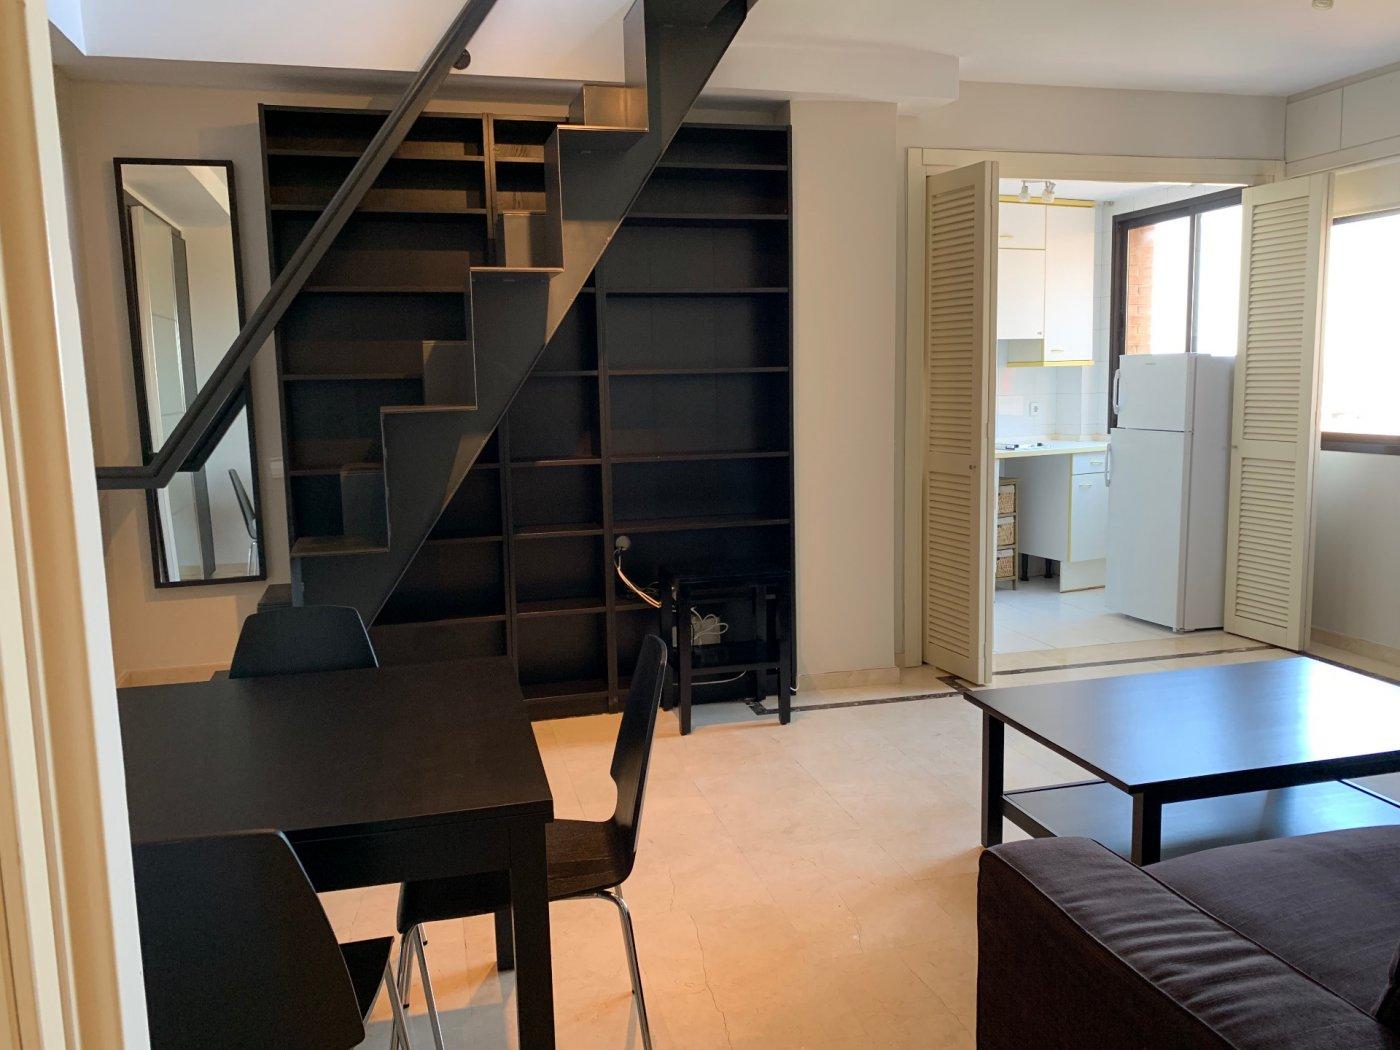 Venta o alquiler de piso en madrid - imagenInmueble11